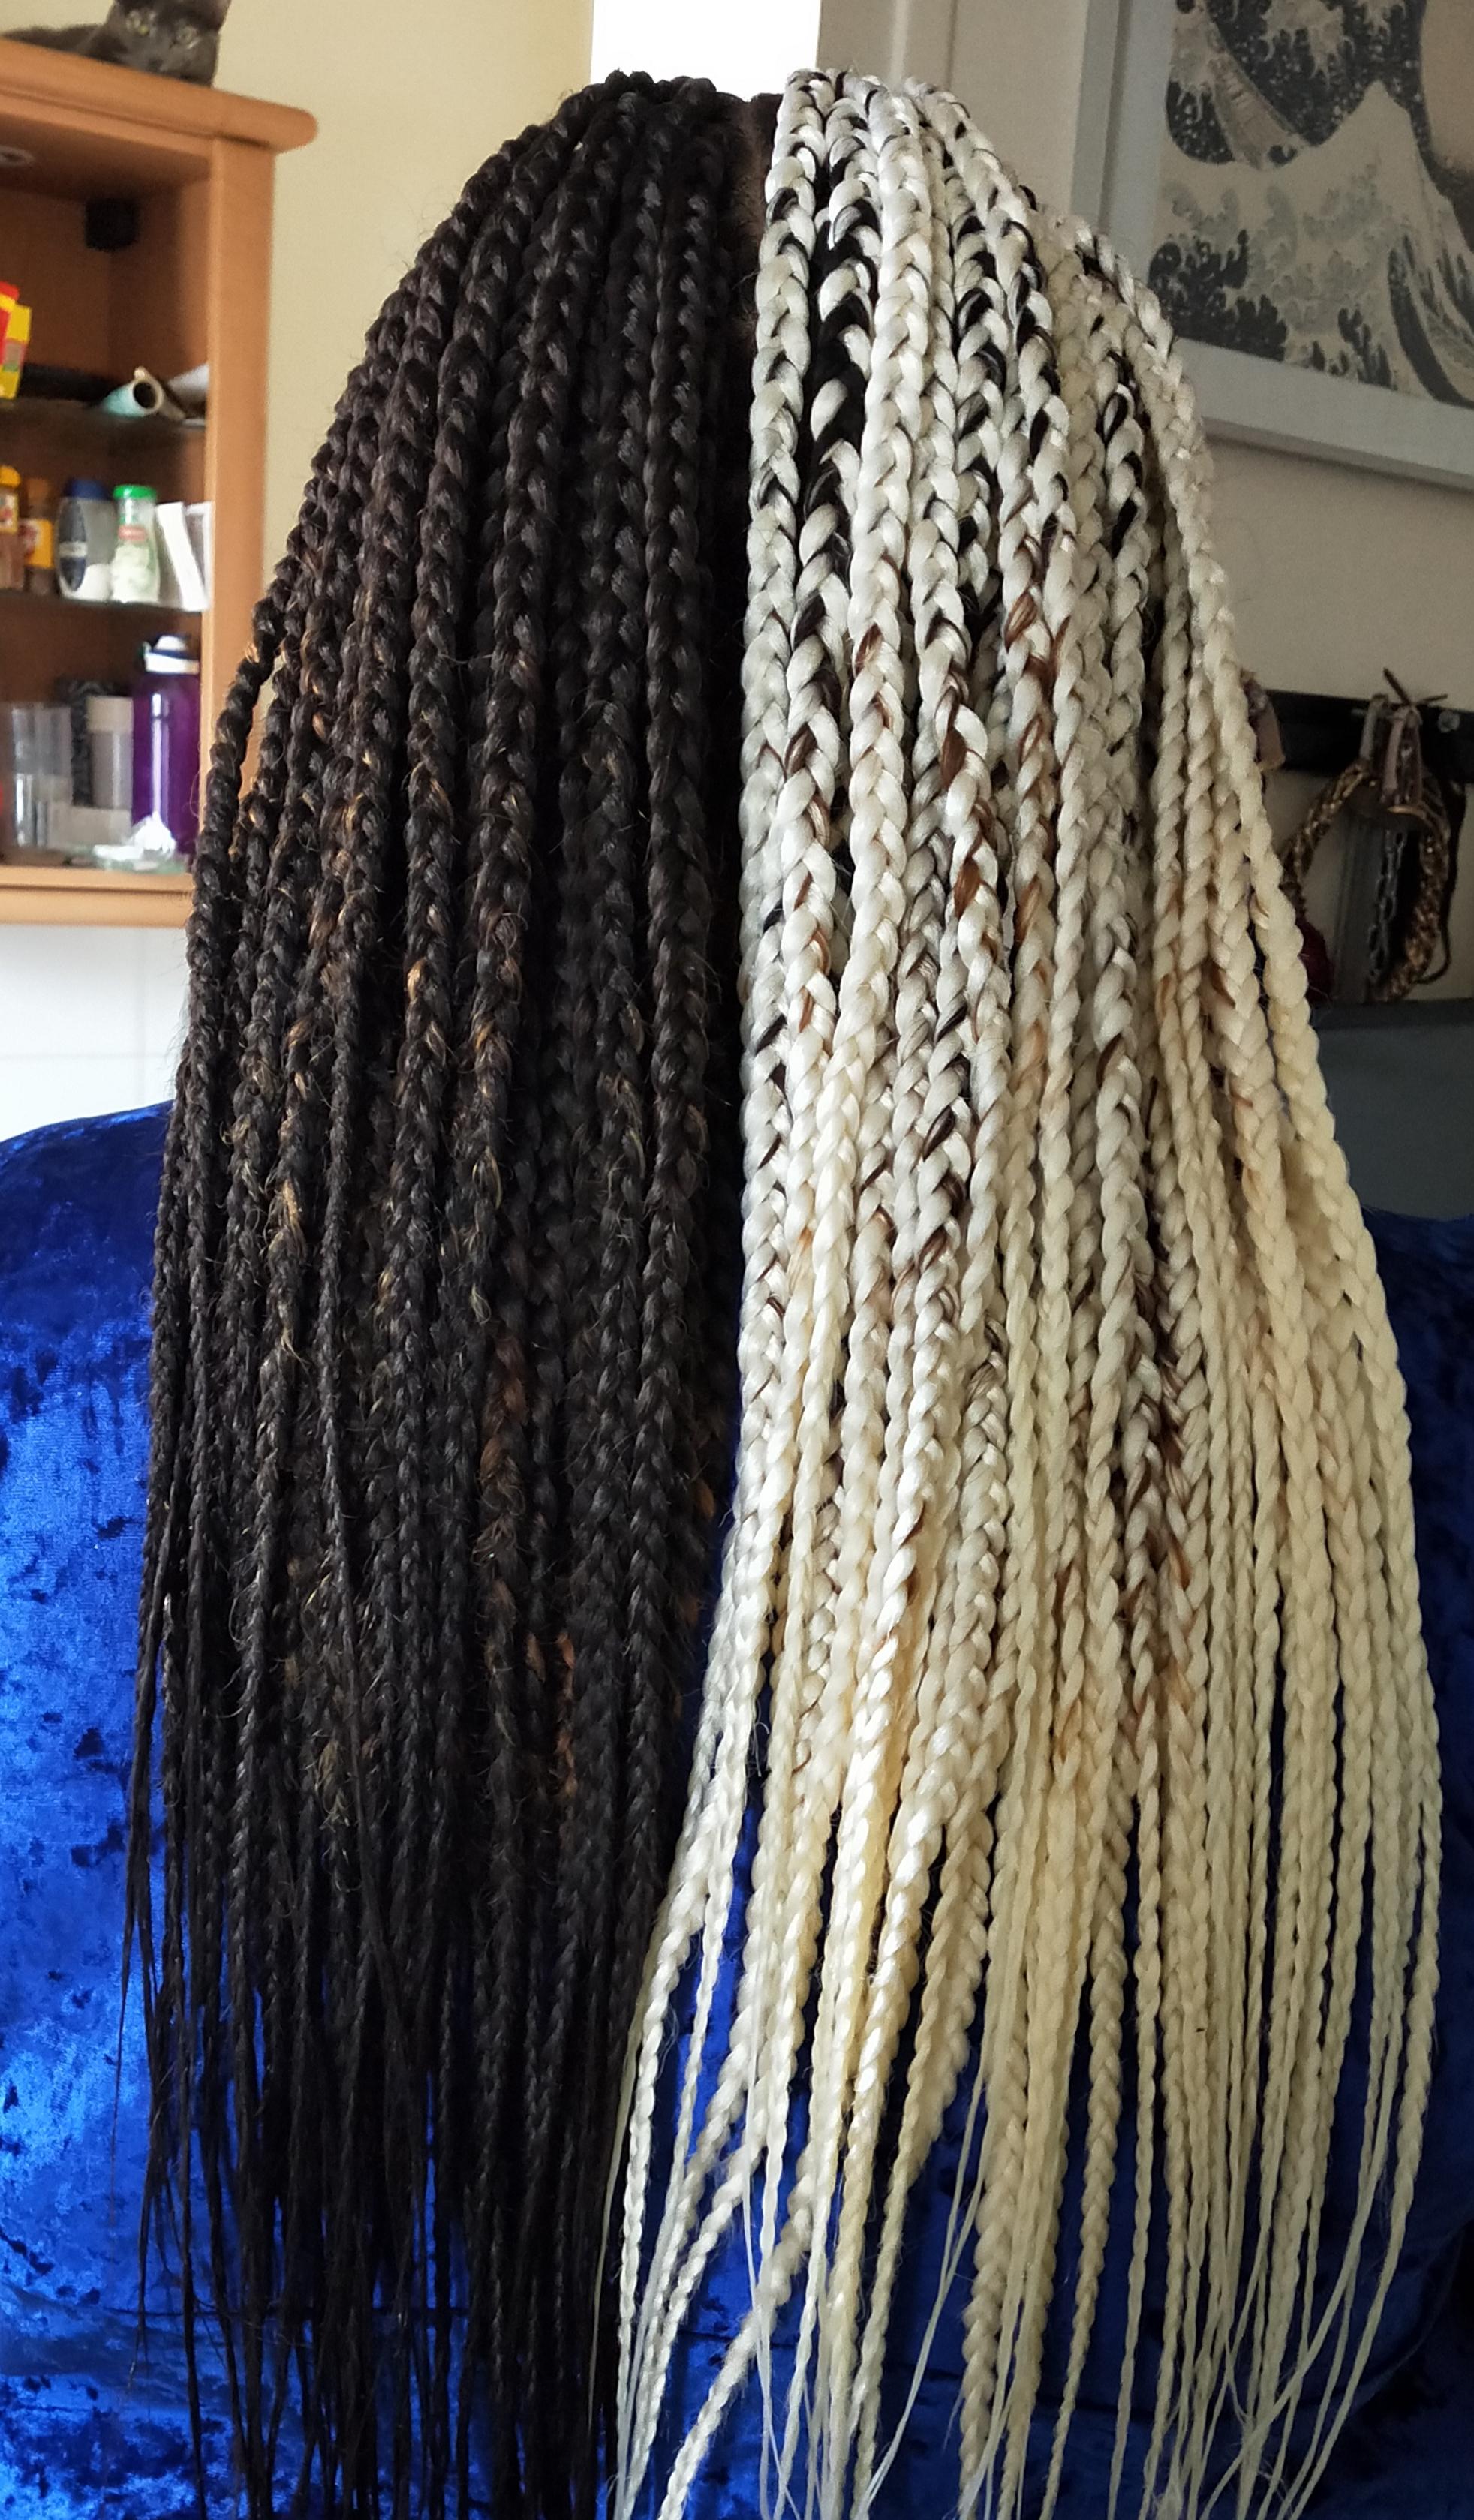 salon de coiffure afro tresse tresses box braids crochet braids vanilles tissages paris 75 77 78 91 92 93 94 95 CJEWPPFO